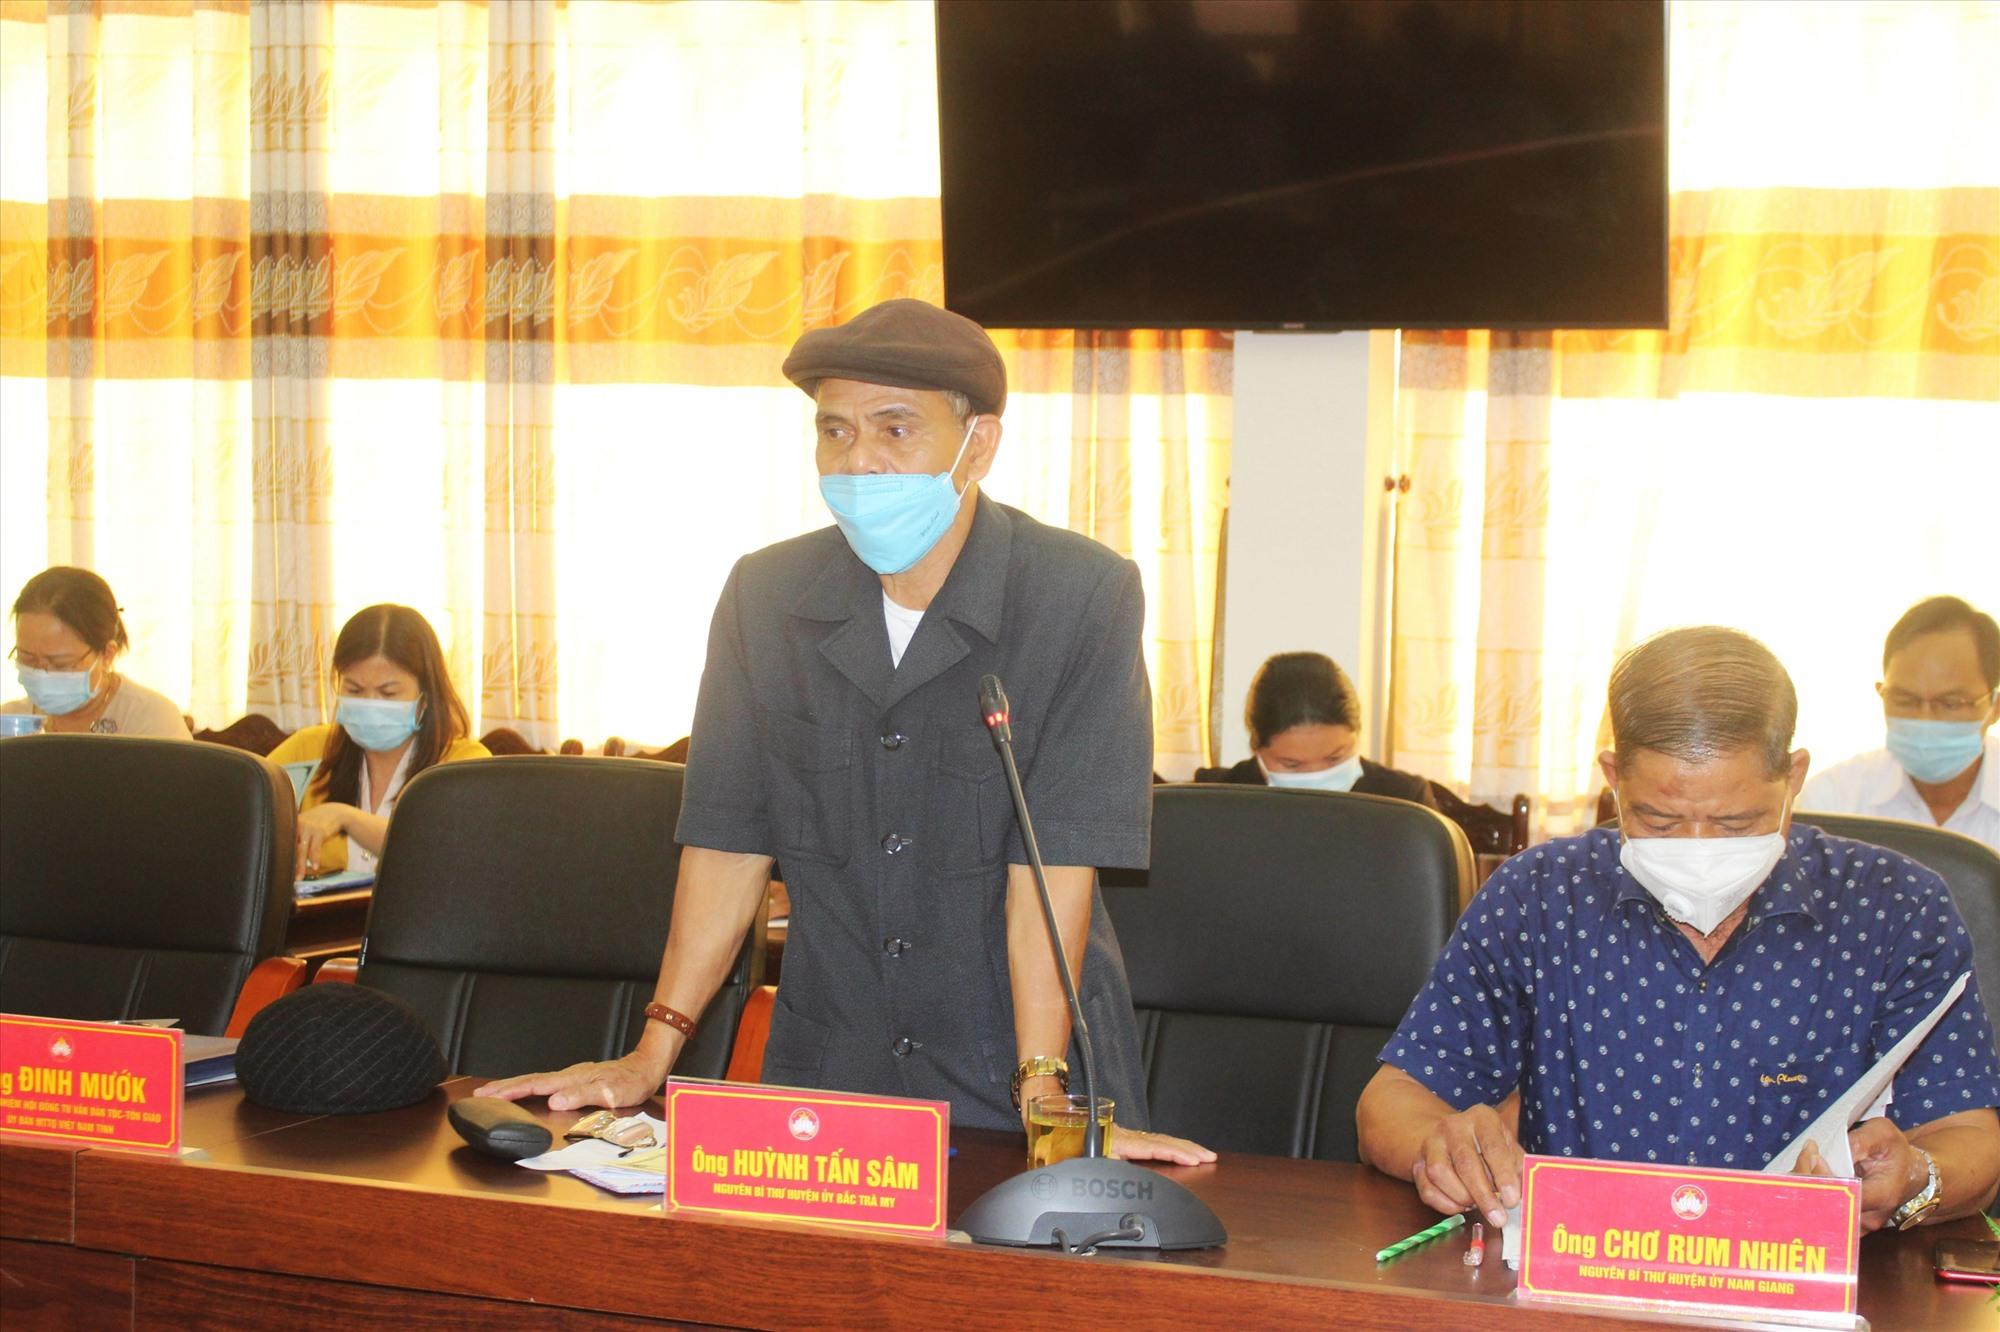 Ông Huỳnh Tấn Sâm - nguyên Bí thư Huyện ủy Bắc Trà My chia sẻ ý kiến tại hội nghị. Ảnh: A.N